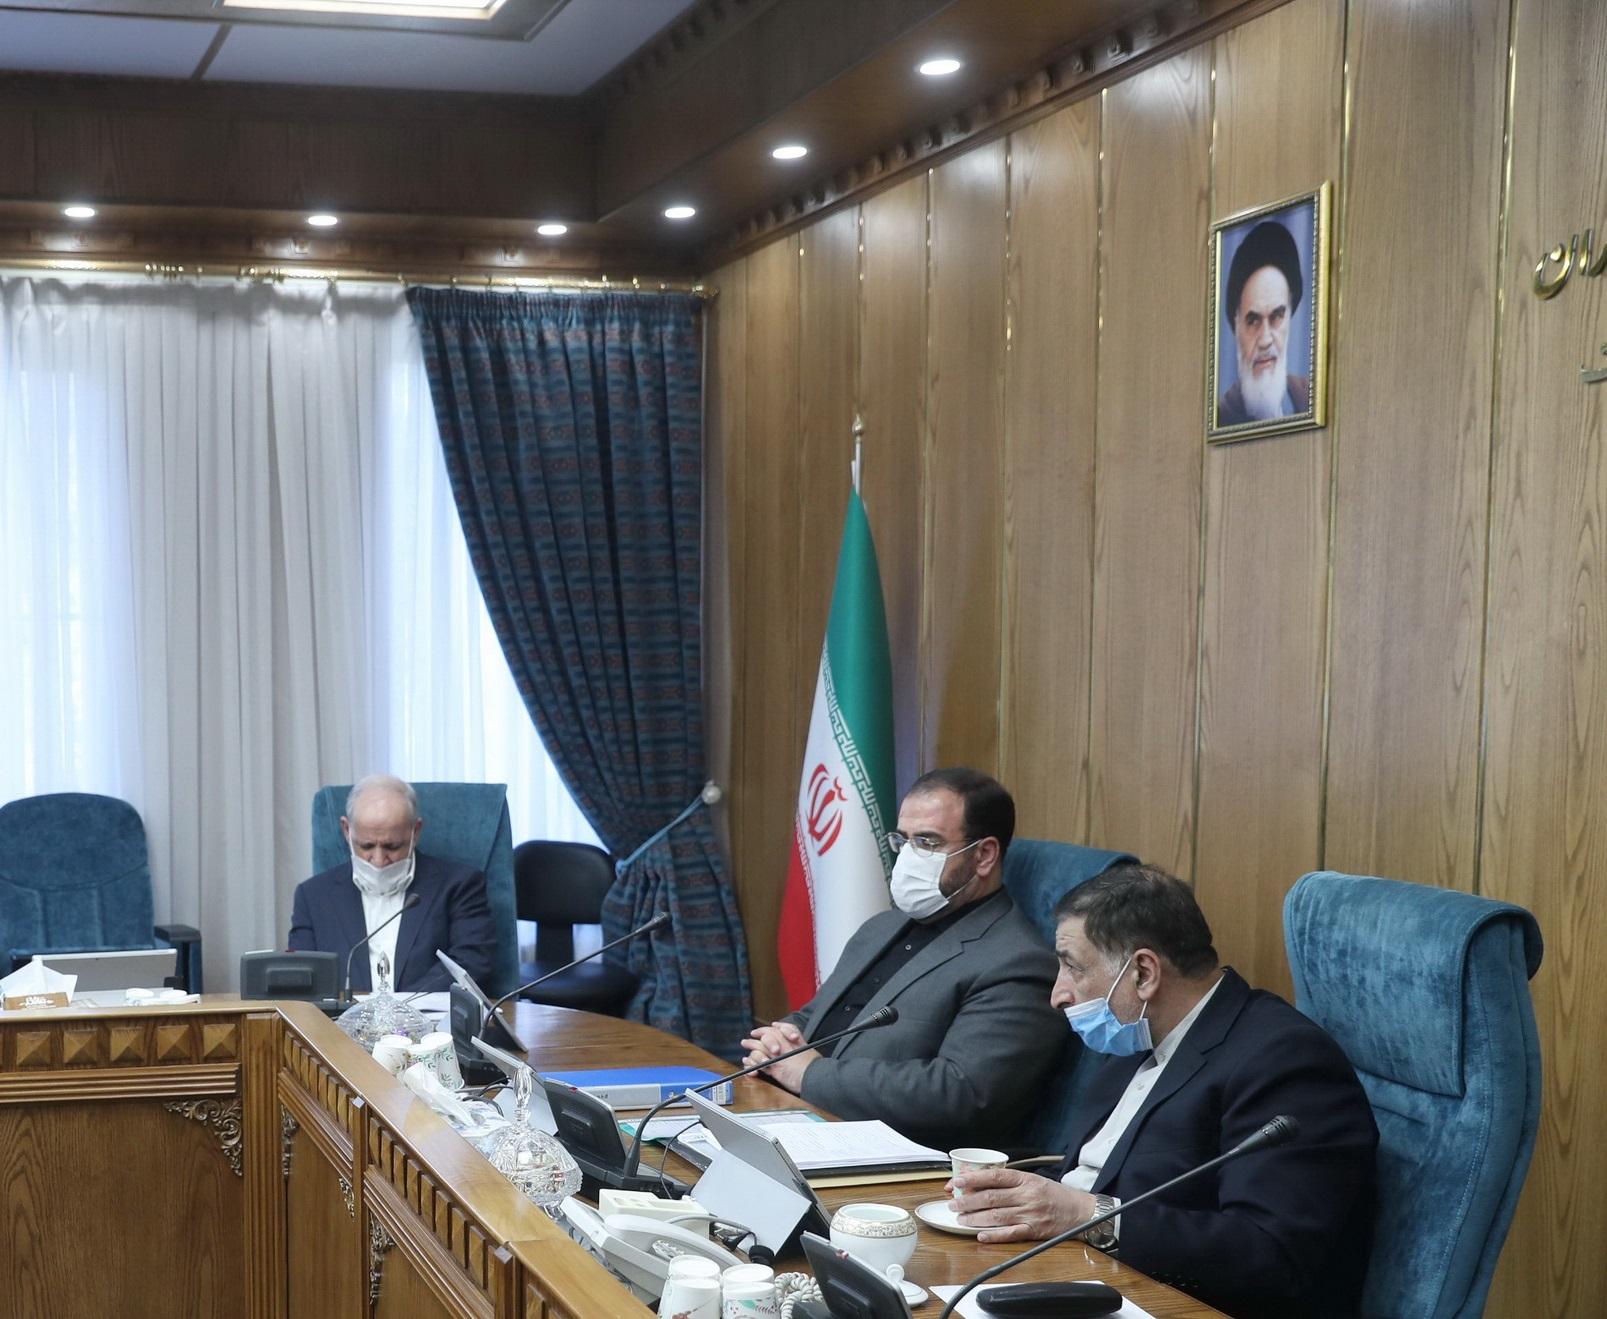 بررسی و تصویب موادی از لايحه «شوراهاي حل اختلاف»